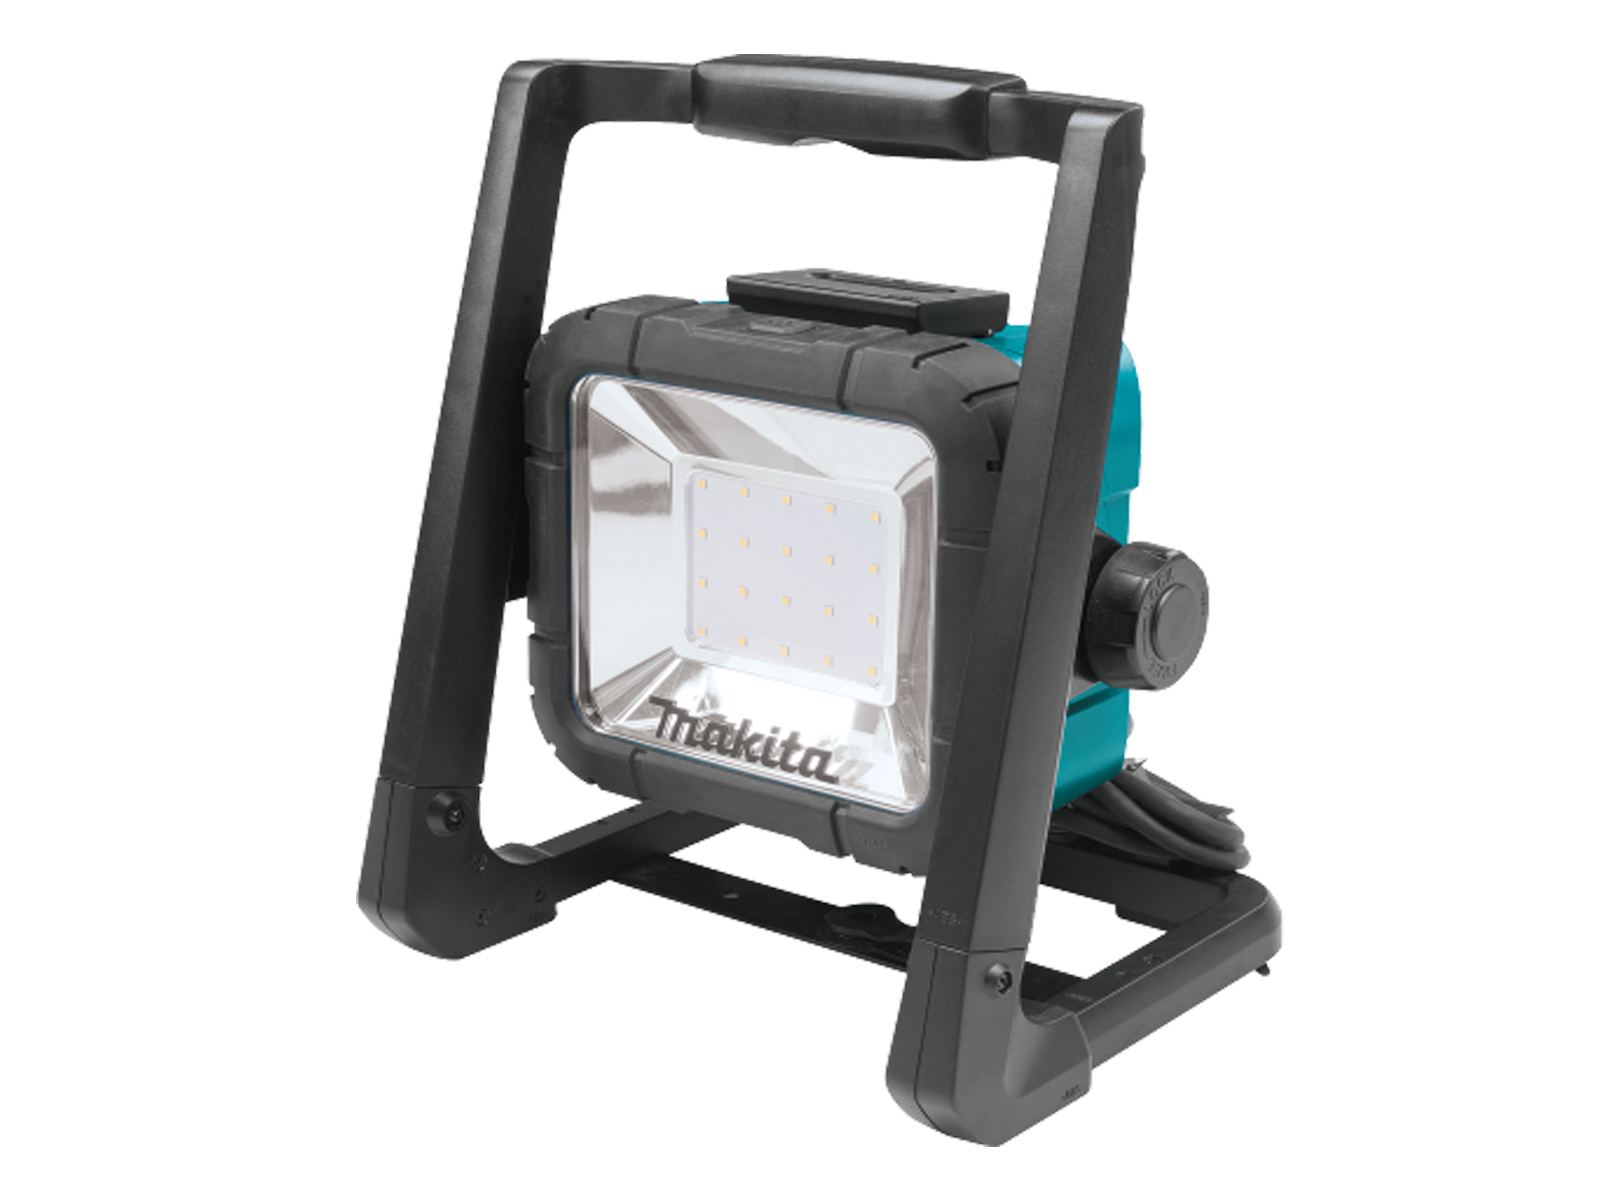 Makita Led Cordless Worklight 750 Lumens - Corded & Cordless - DML805/1 - 110V